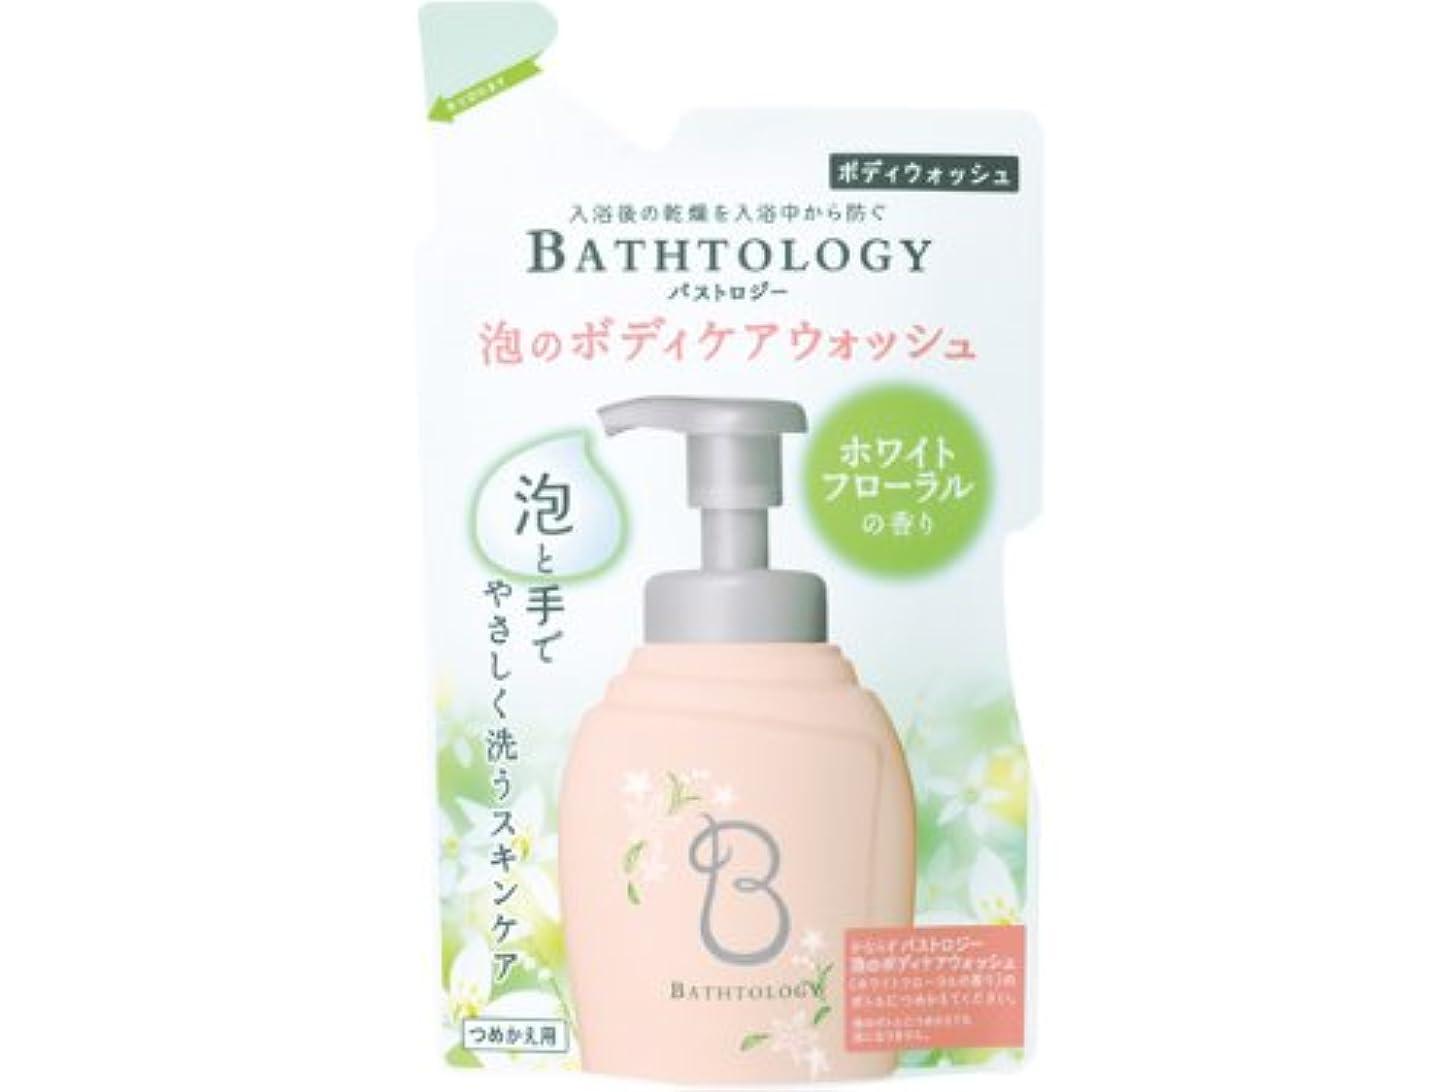 トレード明確なデータBATHTOLOGY 泡のボディケアウォッシュ ホワイトフローラルの香り つめかえ用 400ml